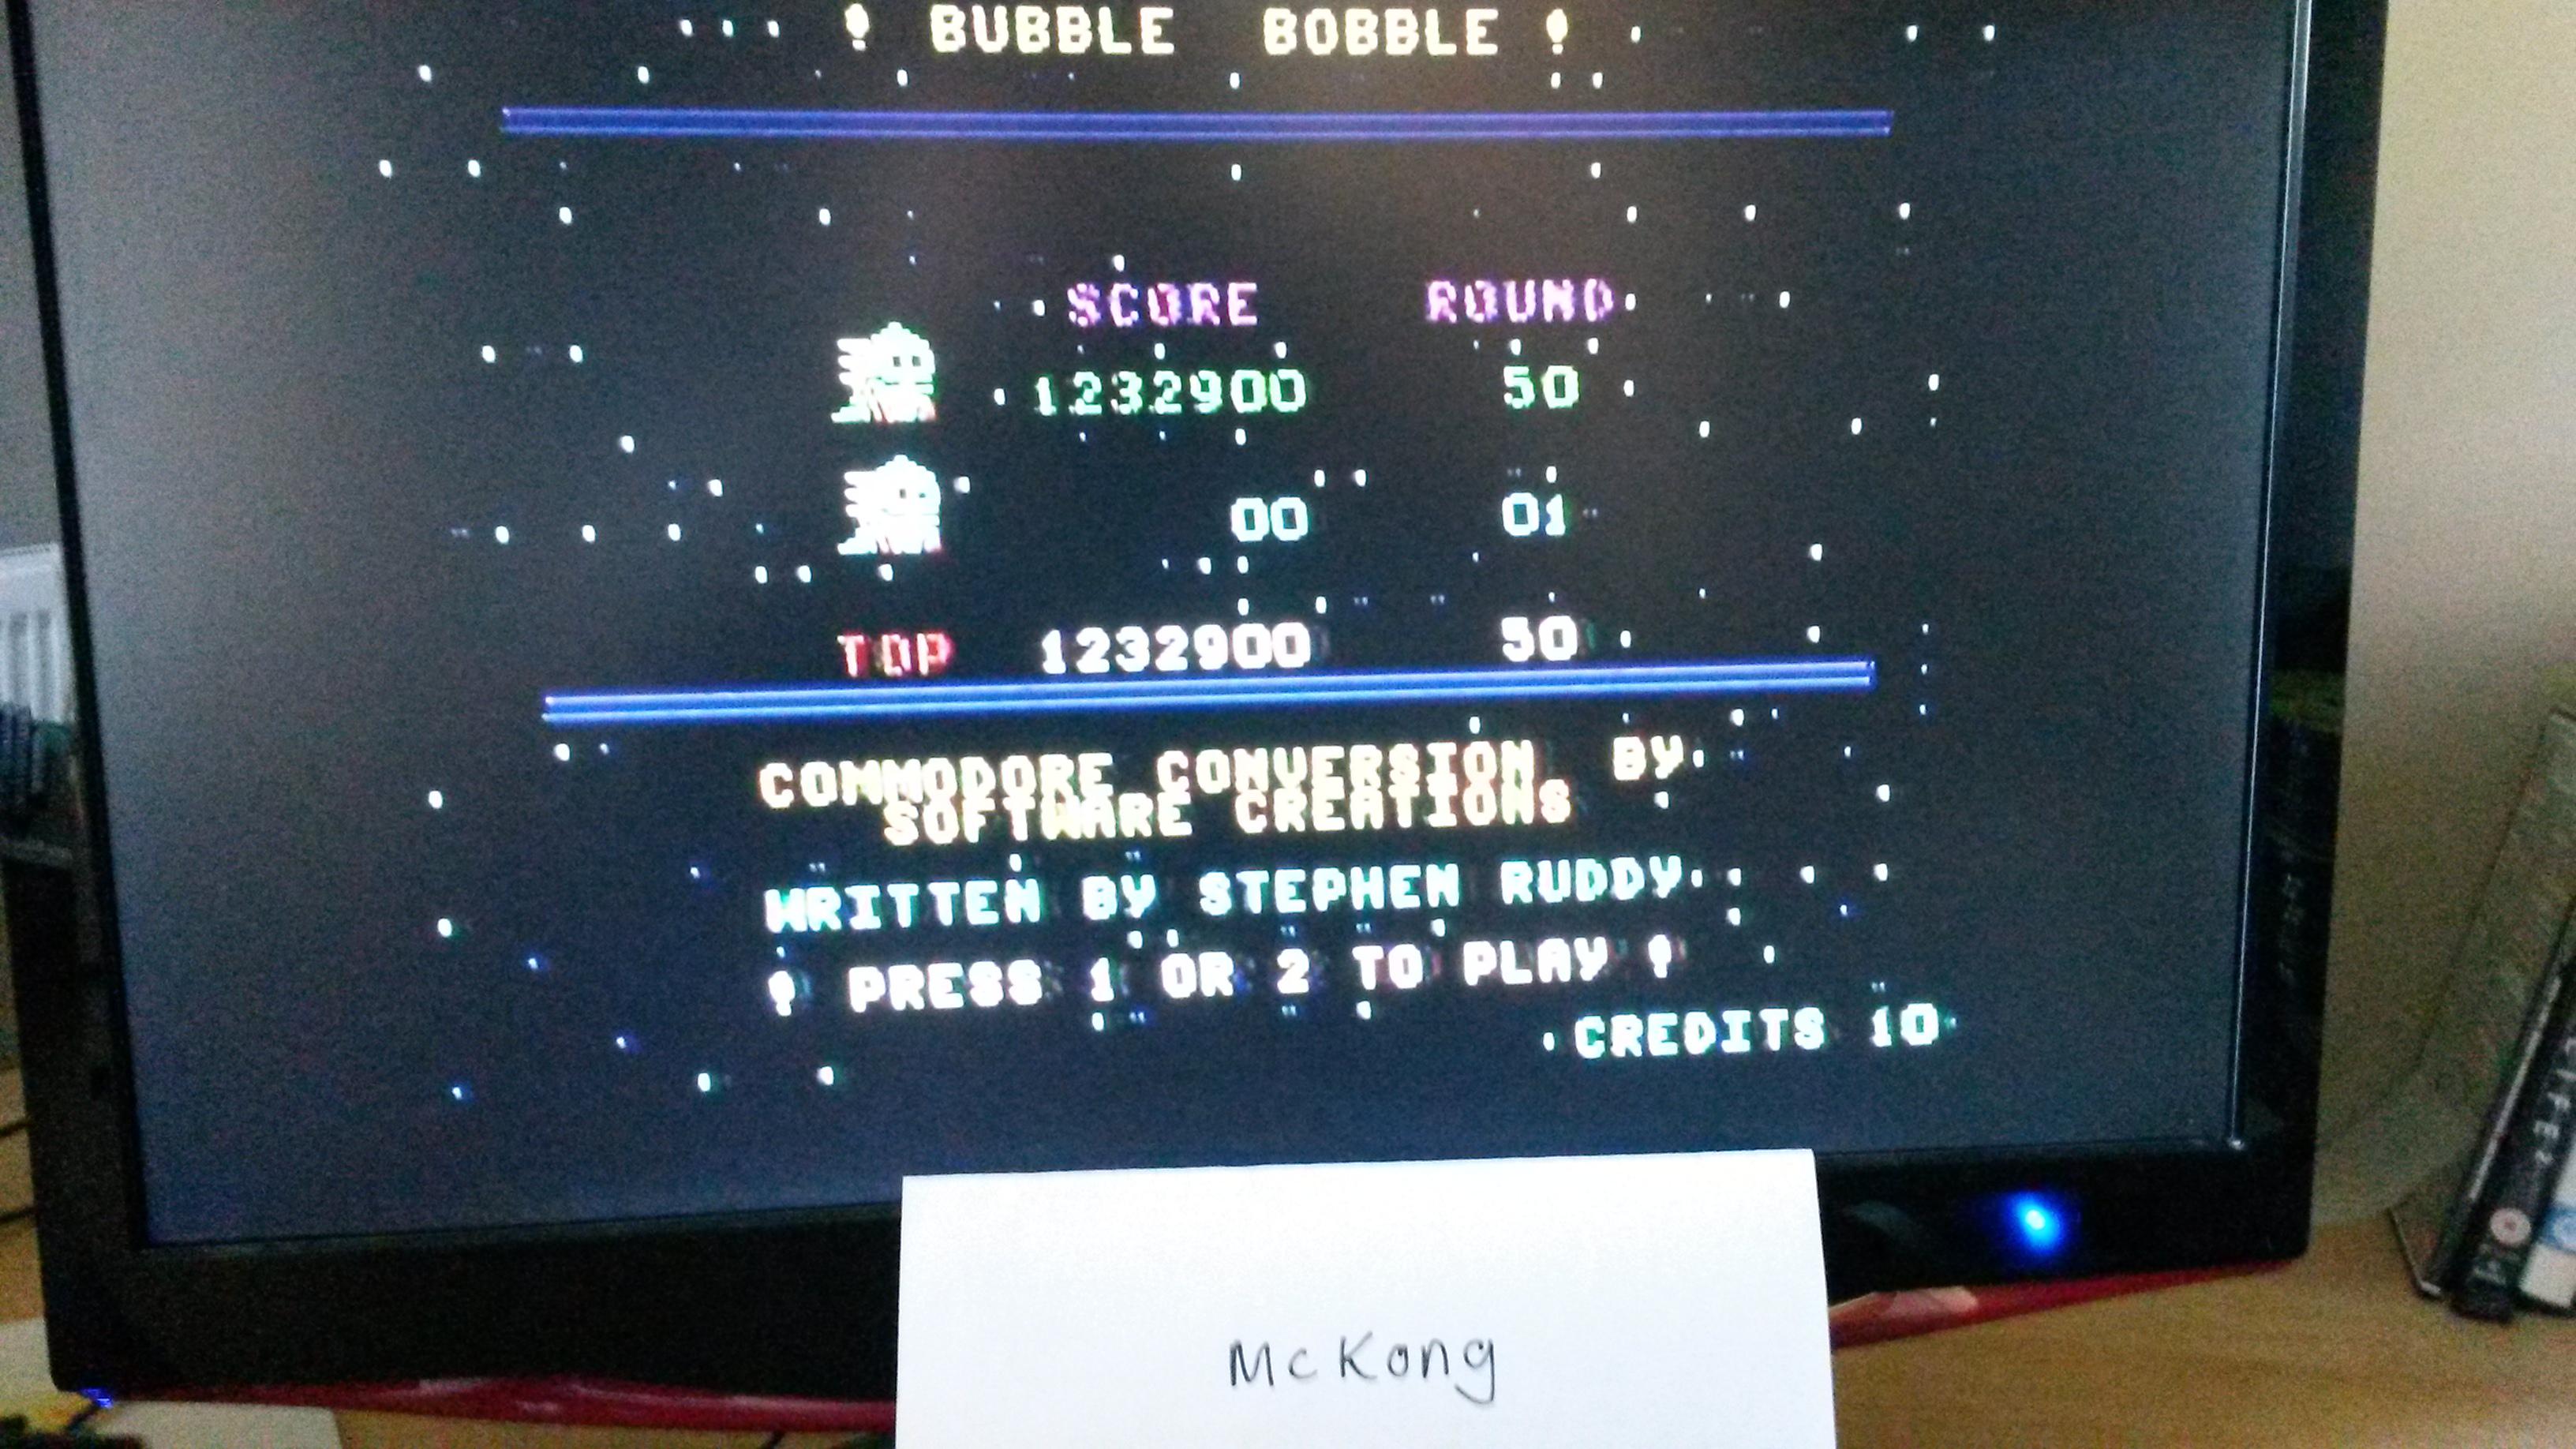 Bubble Bobble 1,232,900 points